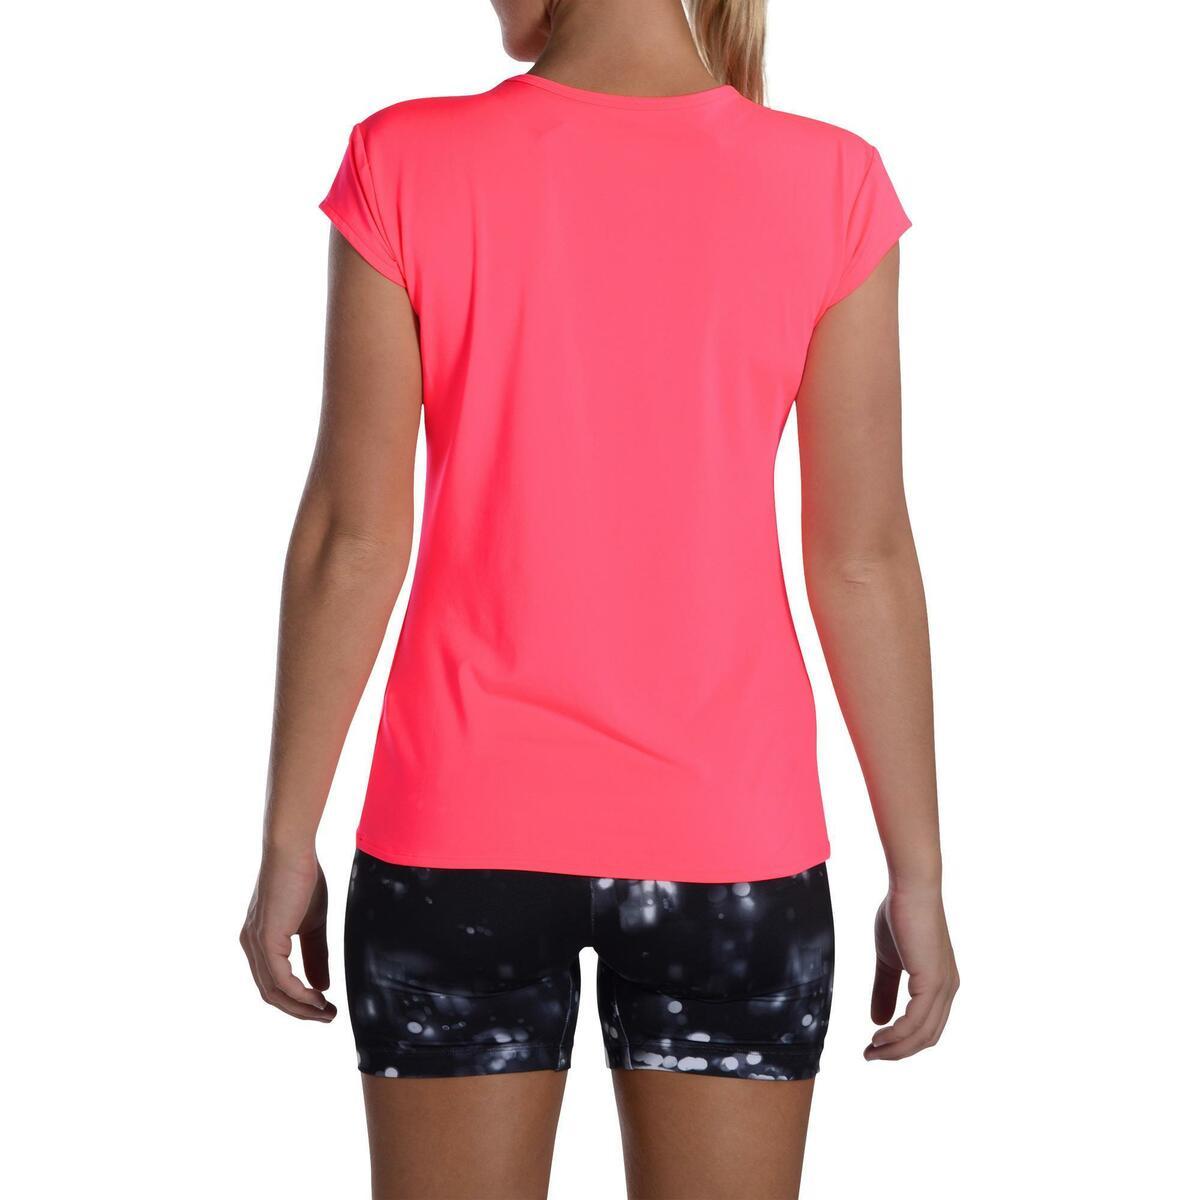 Bild 4 von T-Shirt FTS 100 Fitness Cardio Damen neonrosa